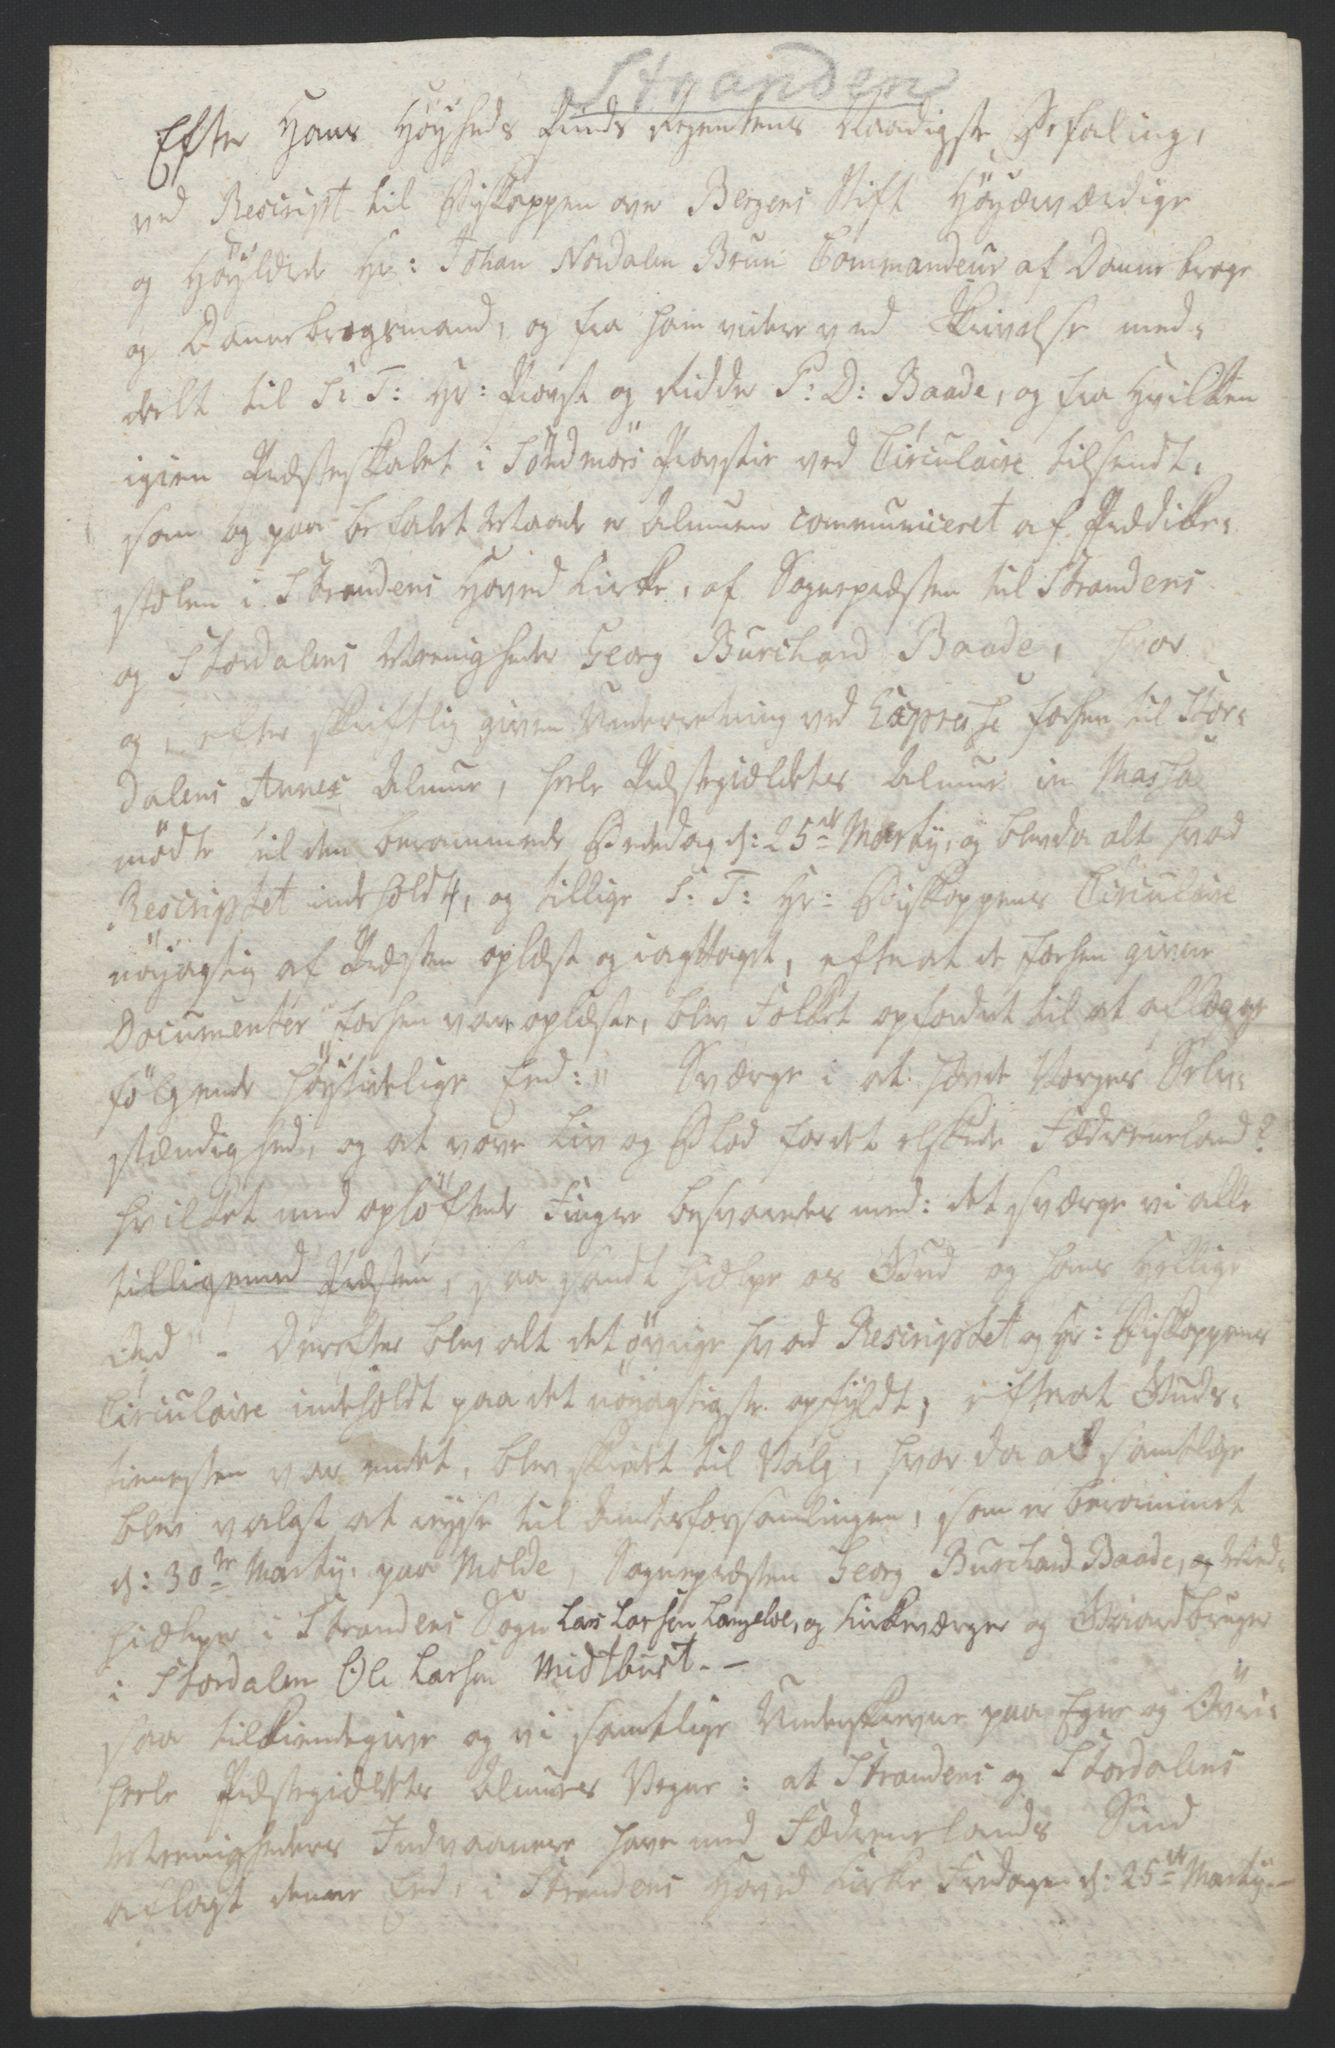 RA, Statsrådssekretariatet, D/Db/L0008: Fullmakter for Eidsvollsrepresentantene i 1814. , 1814, s. 399